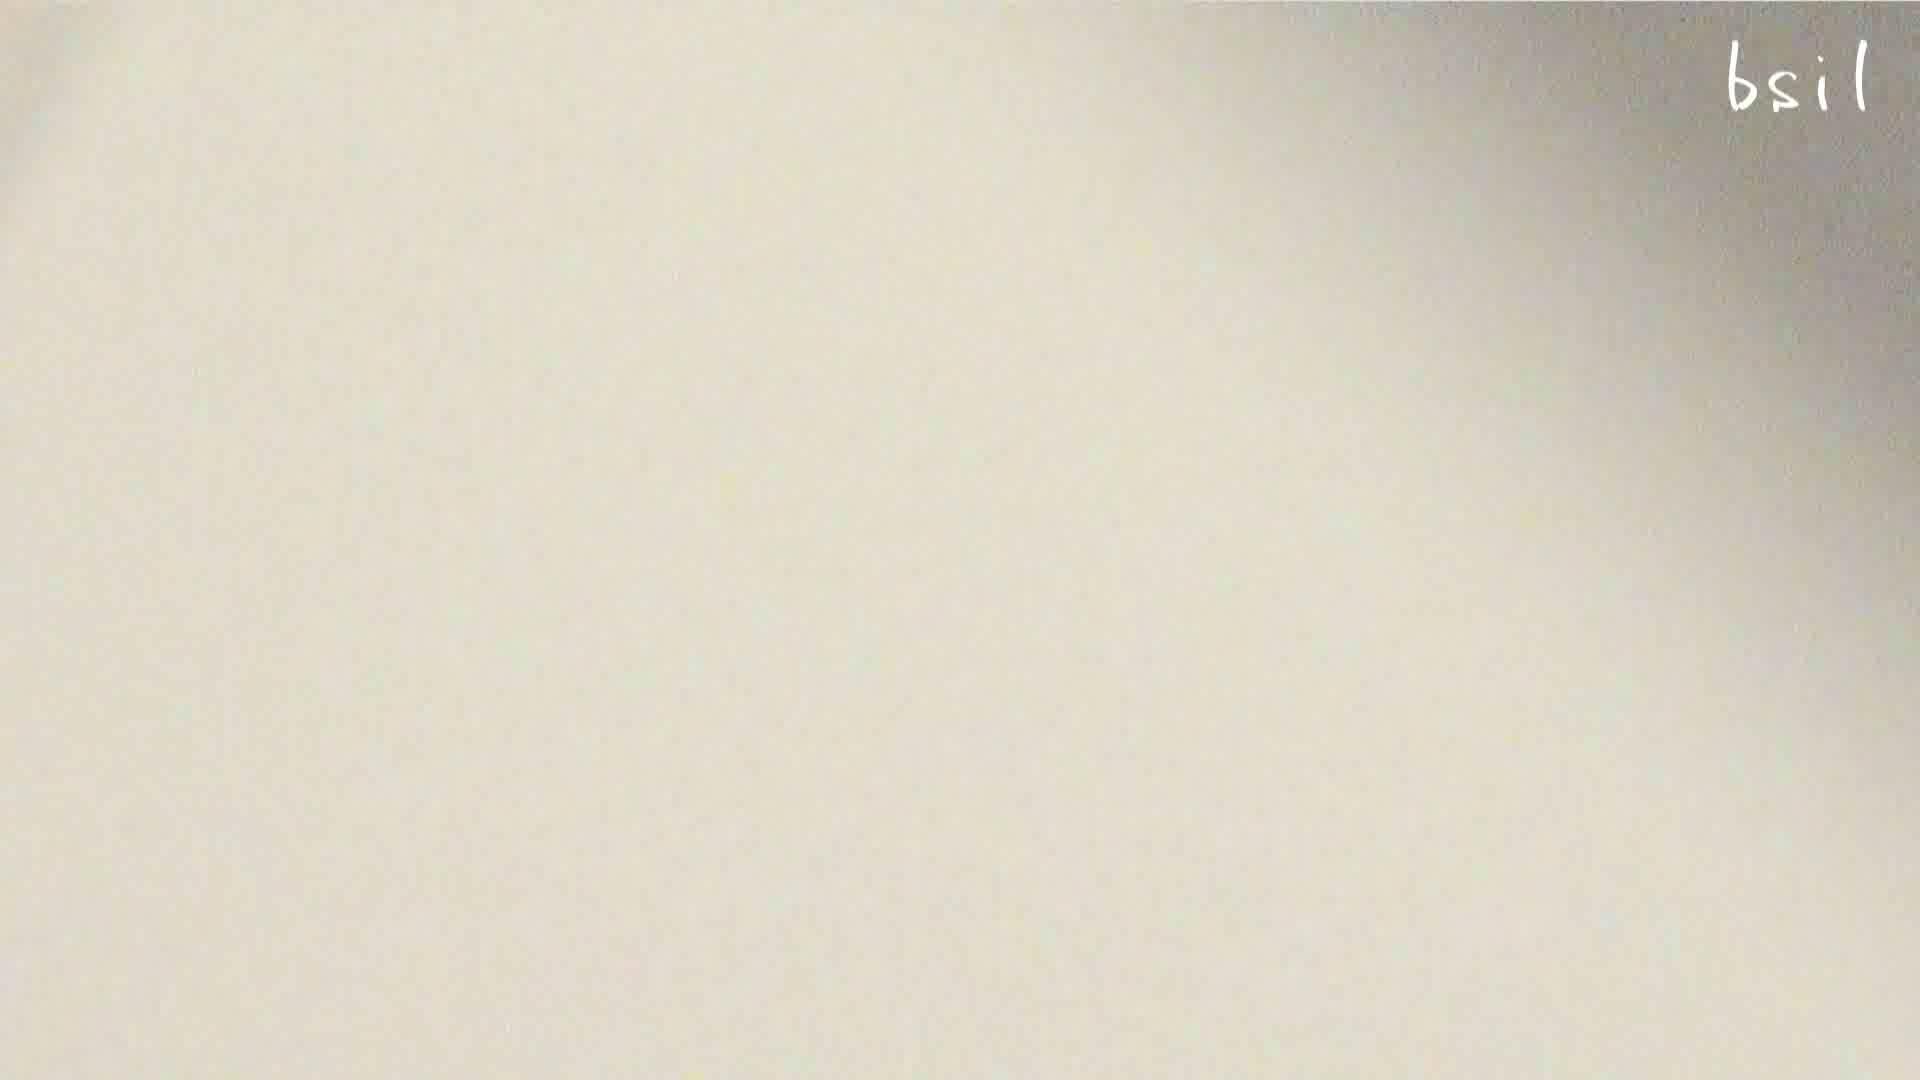 ナースのお小水 vol.001 OLのエロ生活 性交動画流出 93連発 44